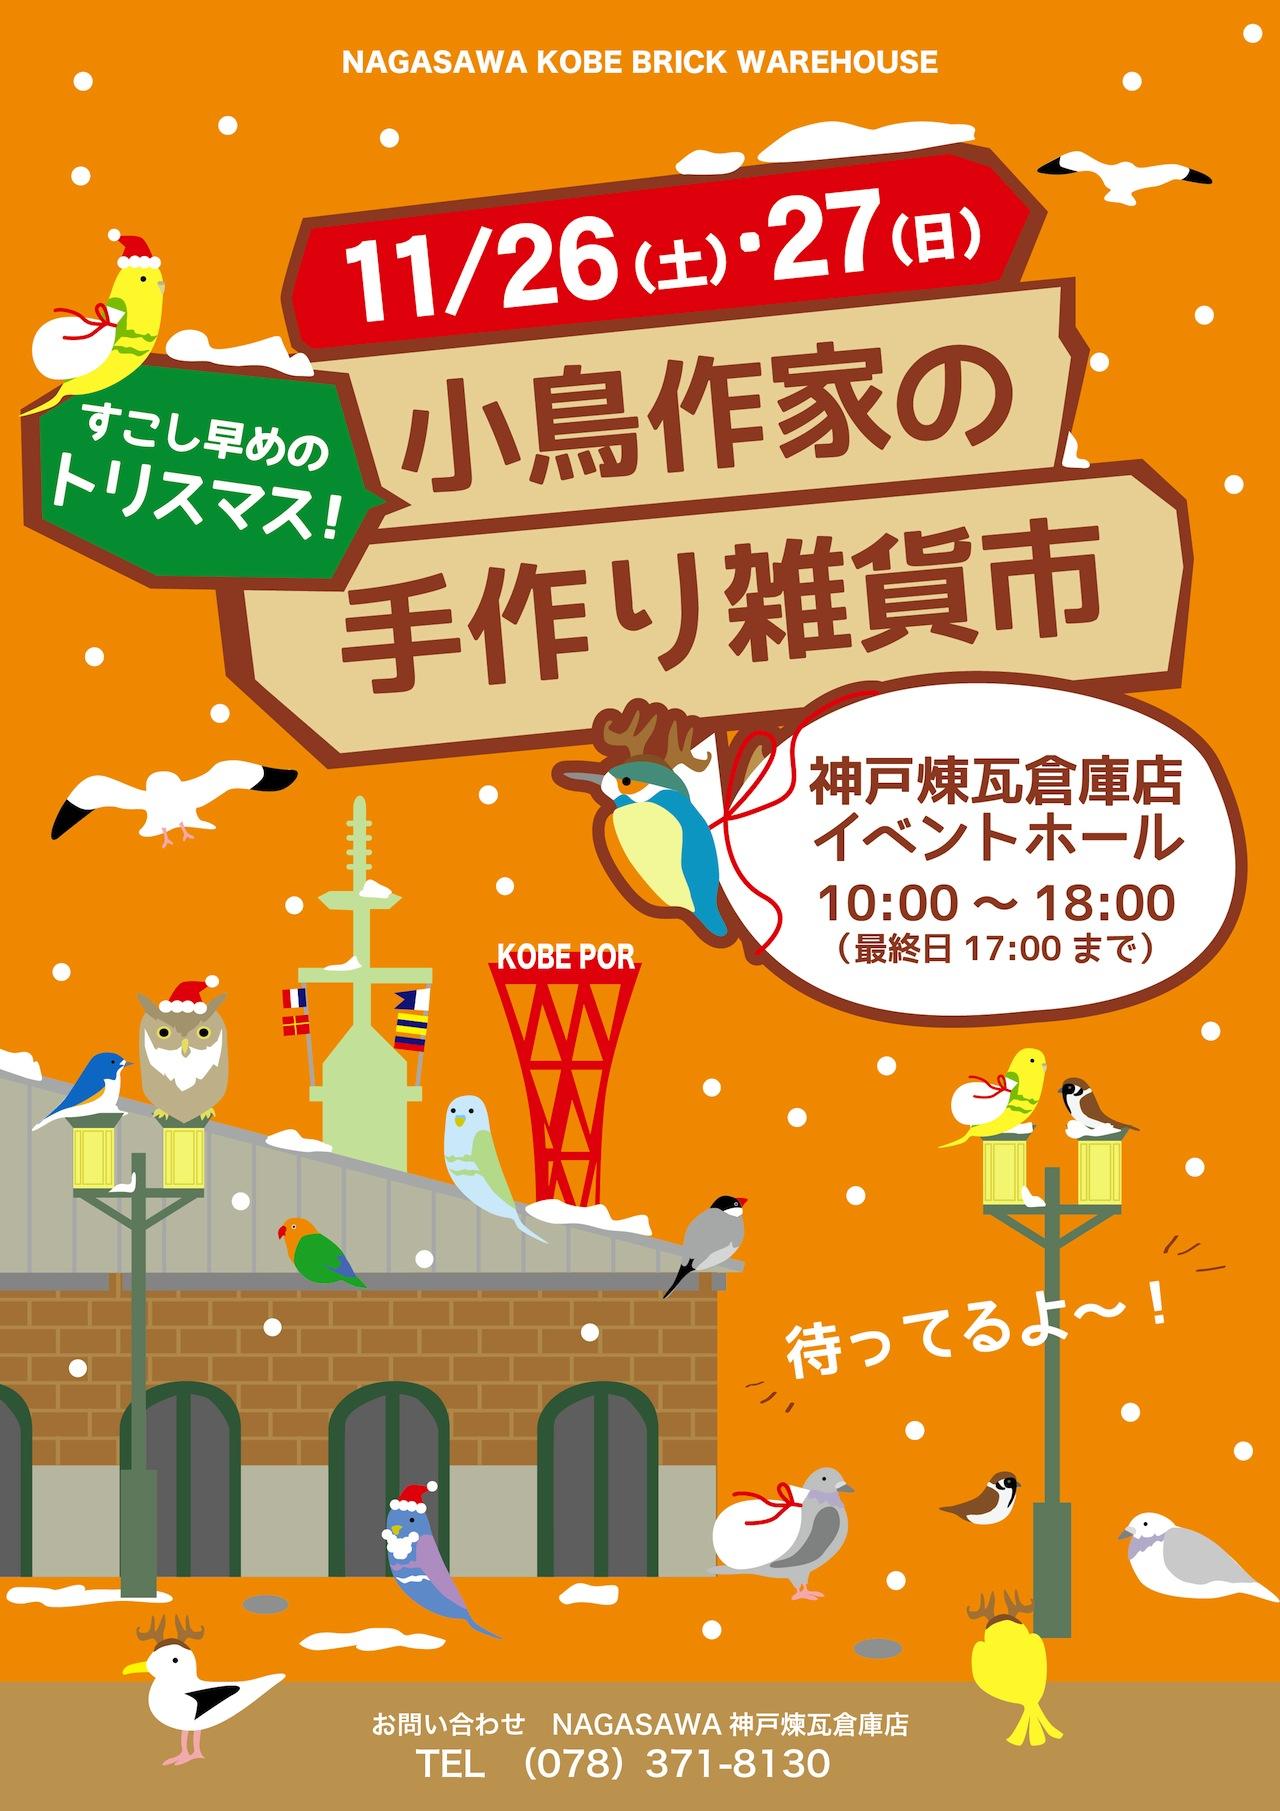 小鳥作家の手作り雑貨市 @NAGASAWA神戸煉瓦倉庫店イベントホール